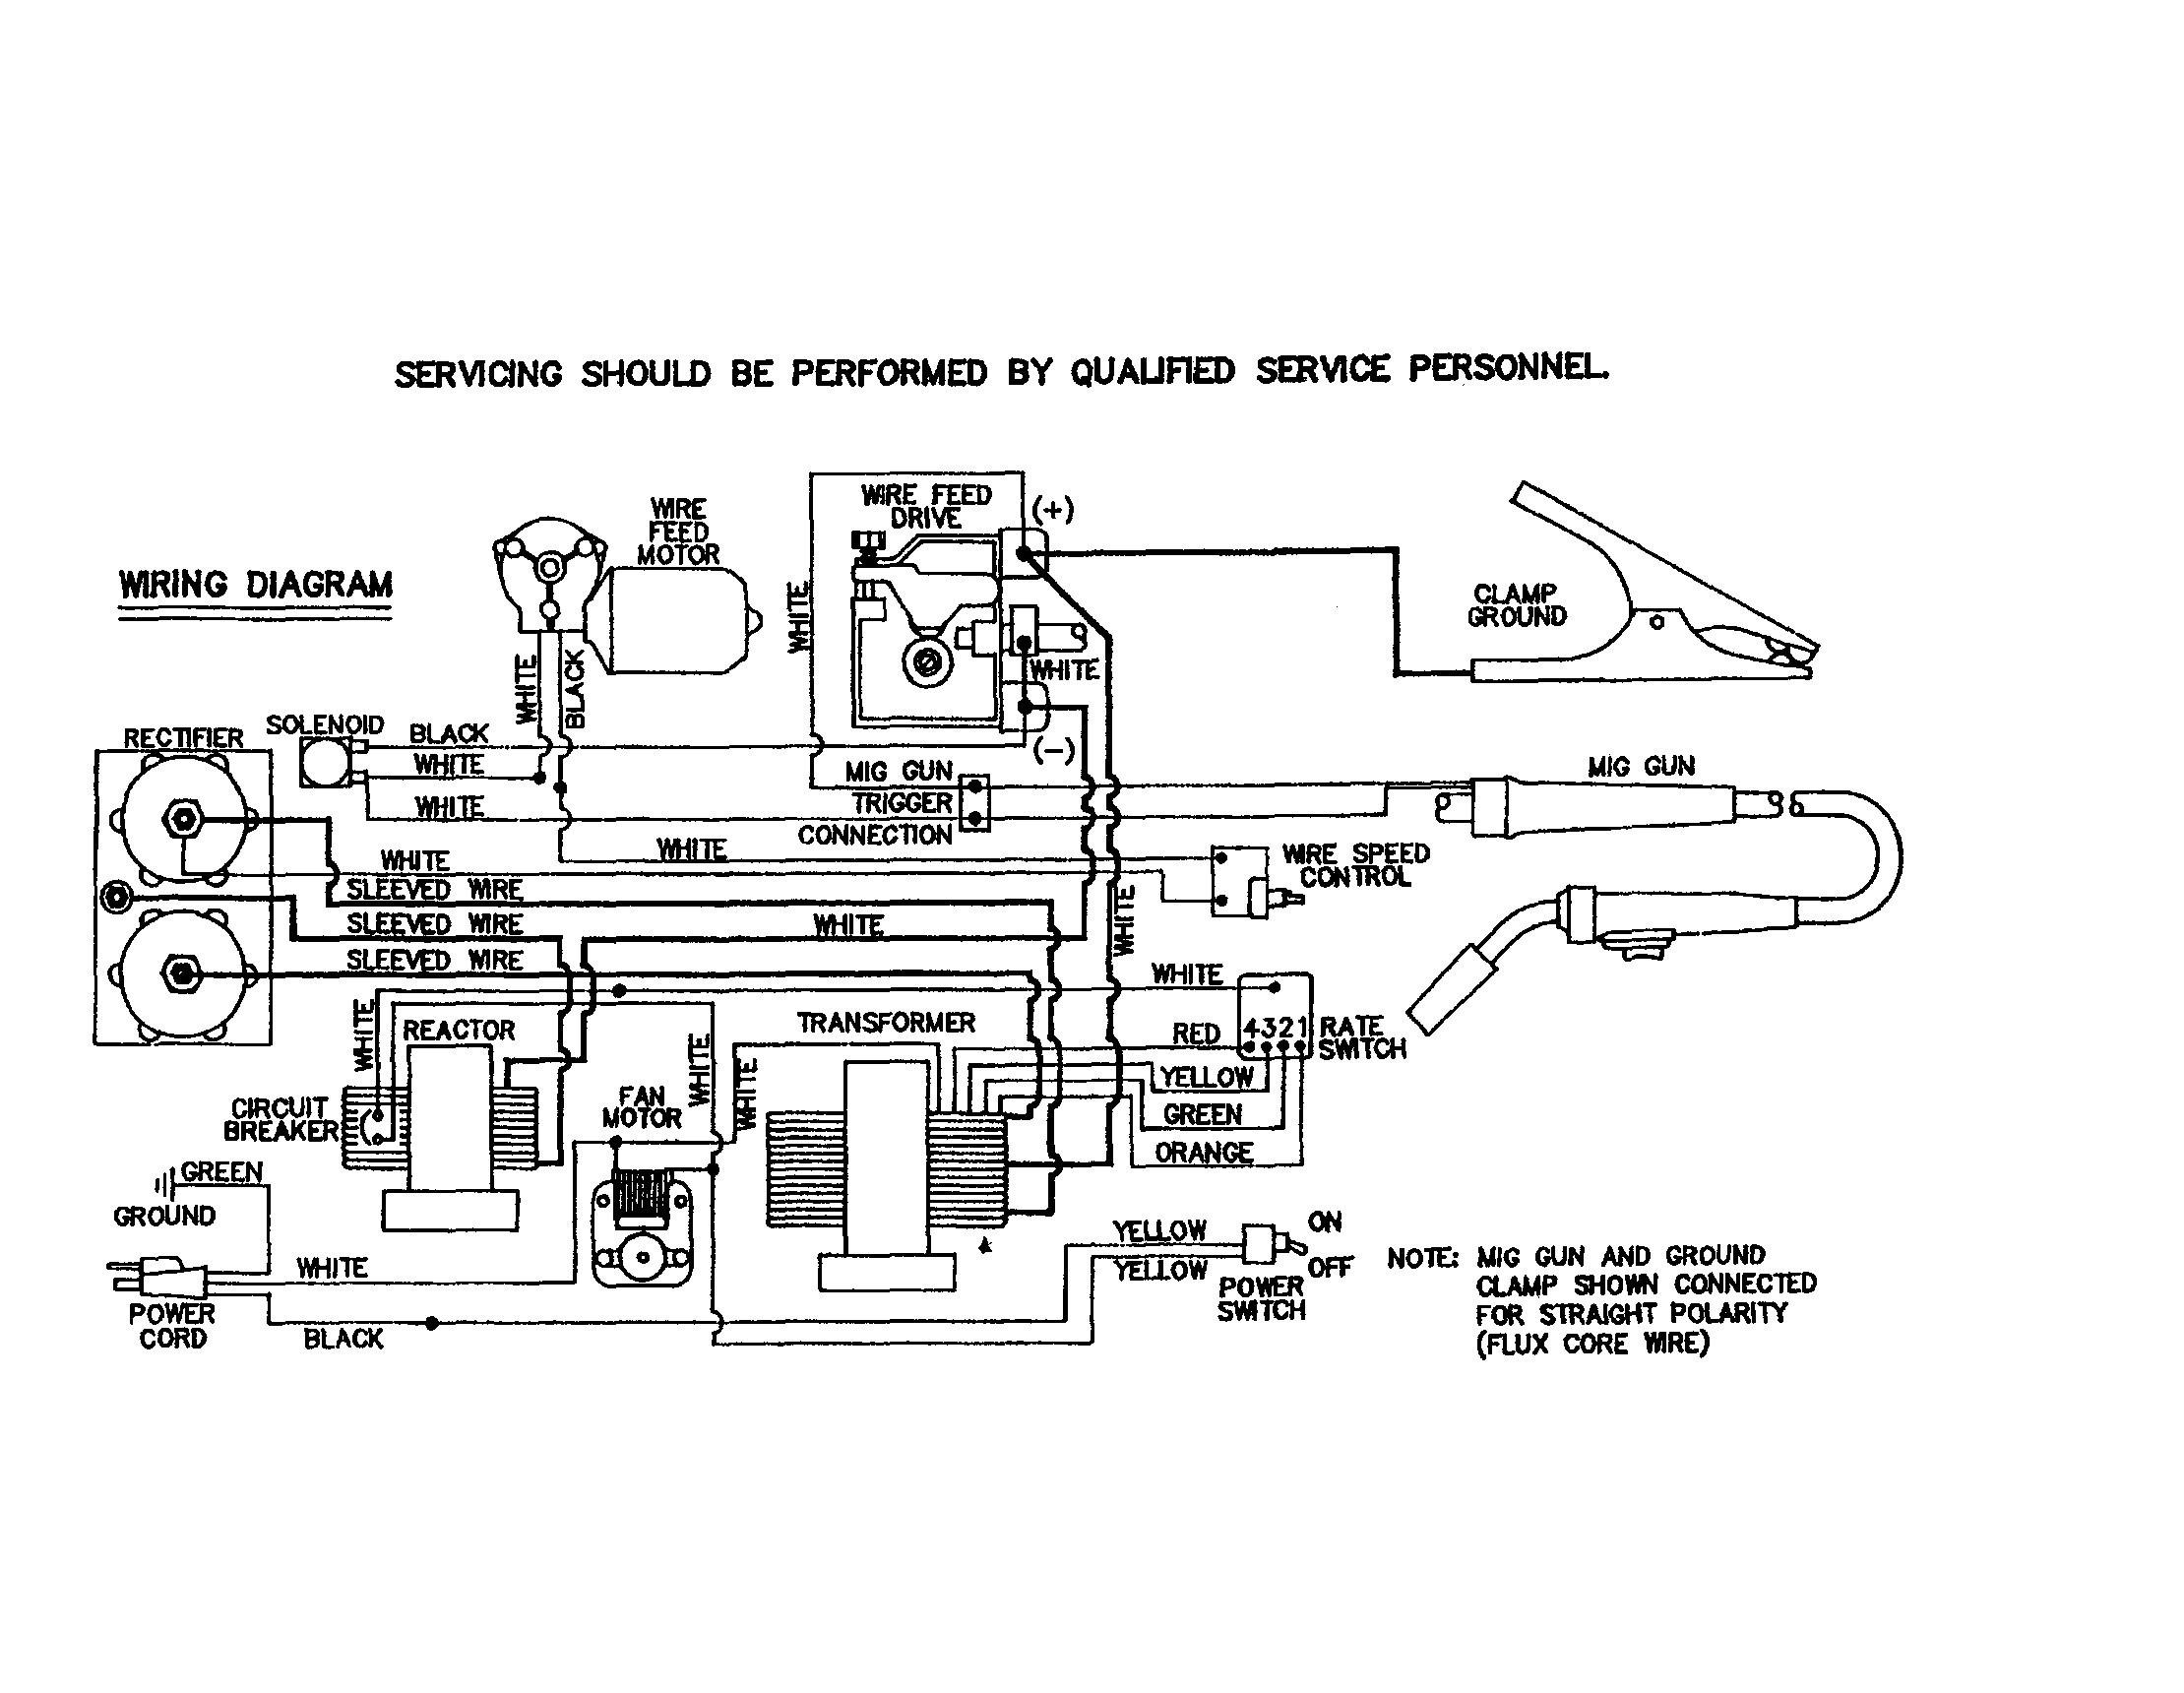 Rv Plug To Welder Wiring Diagram | Wiring Diagram - 220V Welder Plug Wiring Diagram